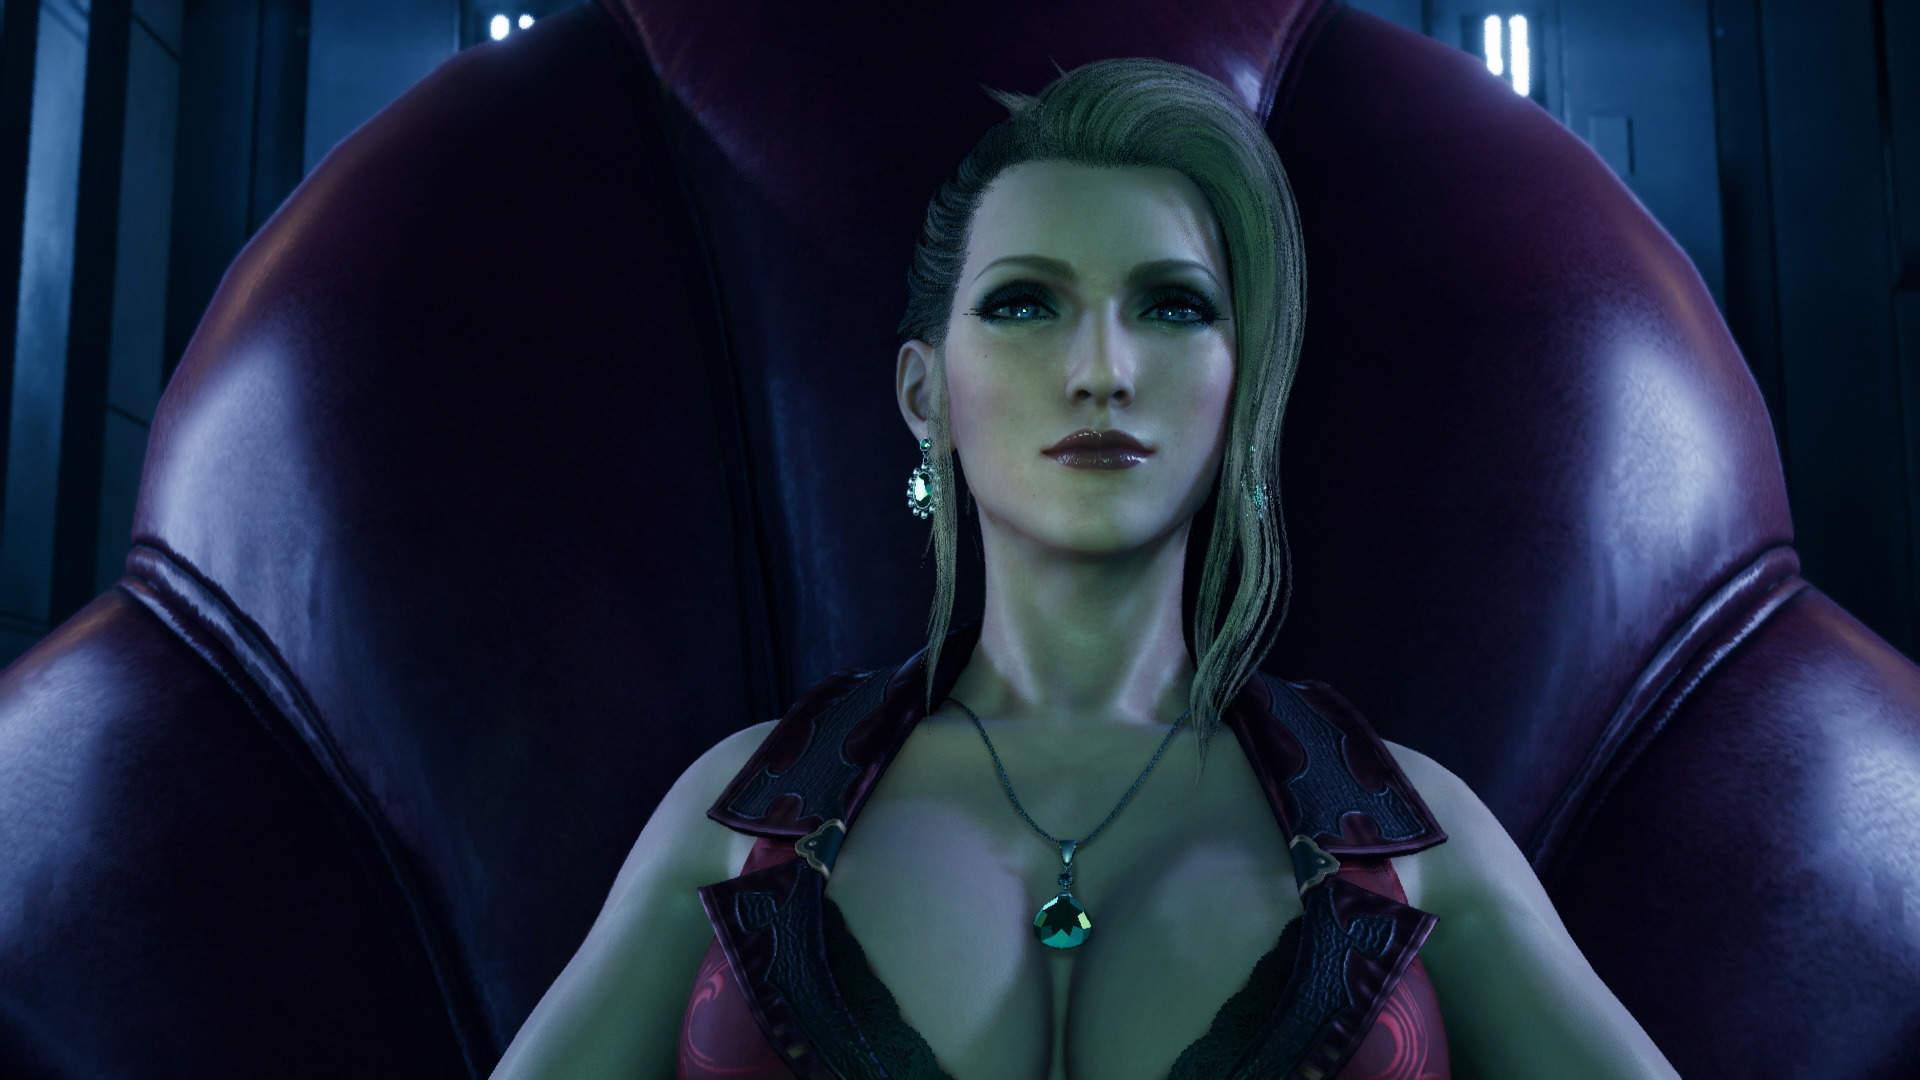 final fantasy vii remake scarlet